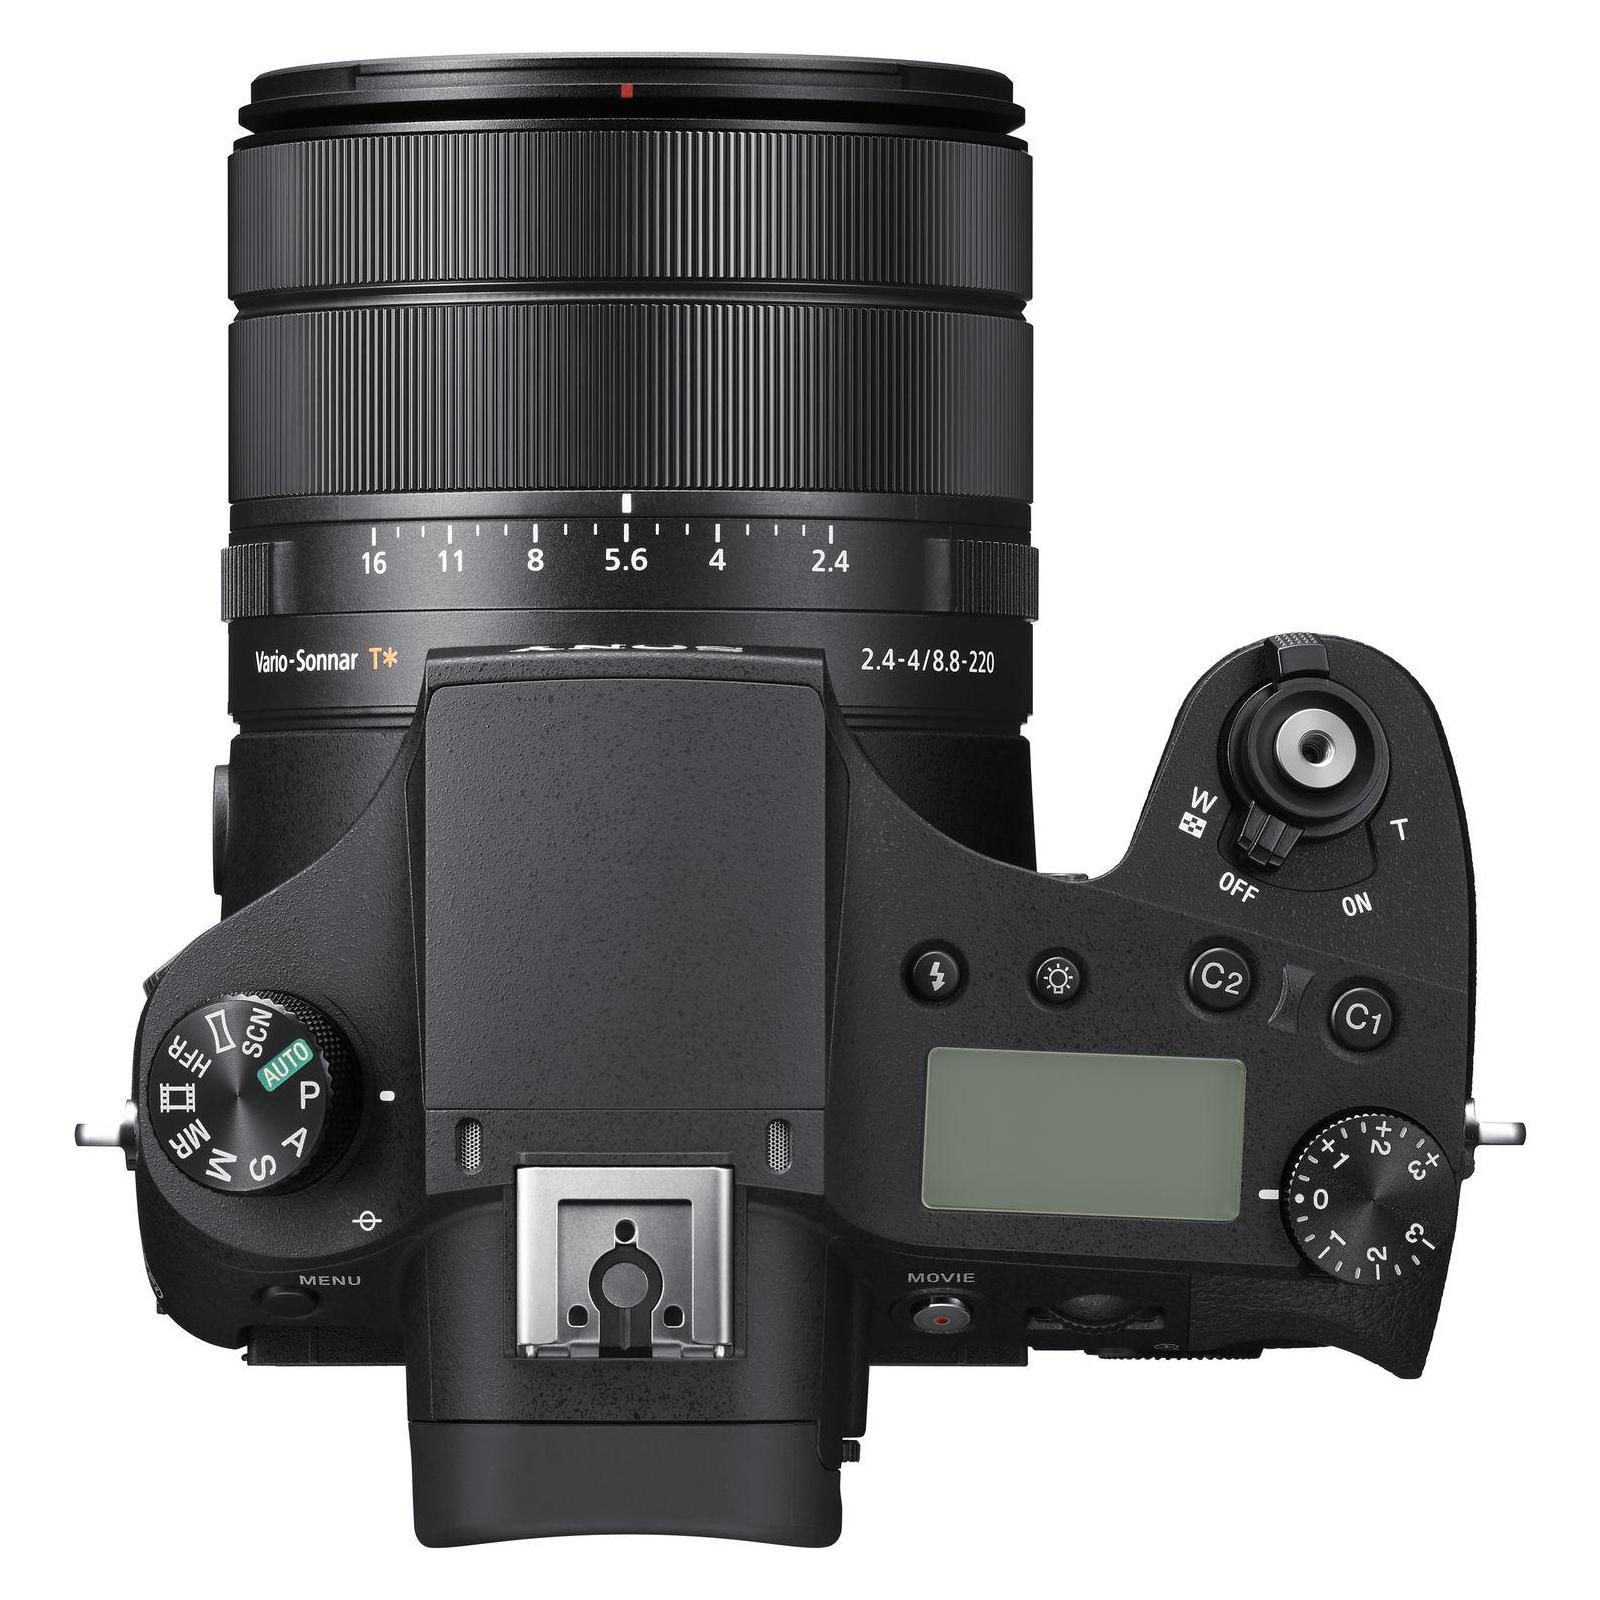 Цифровой фотоаппарат Sony Cyber-Shot RX10 MkIV (DSCRX10M4.RU3) изображение 5